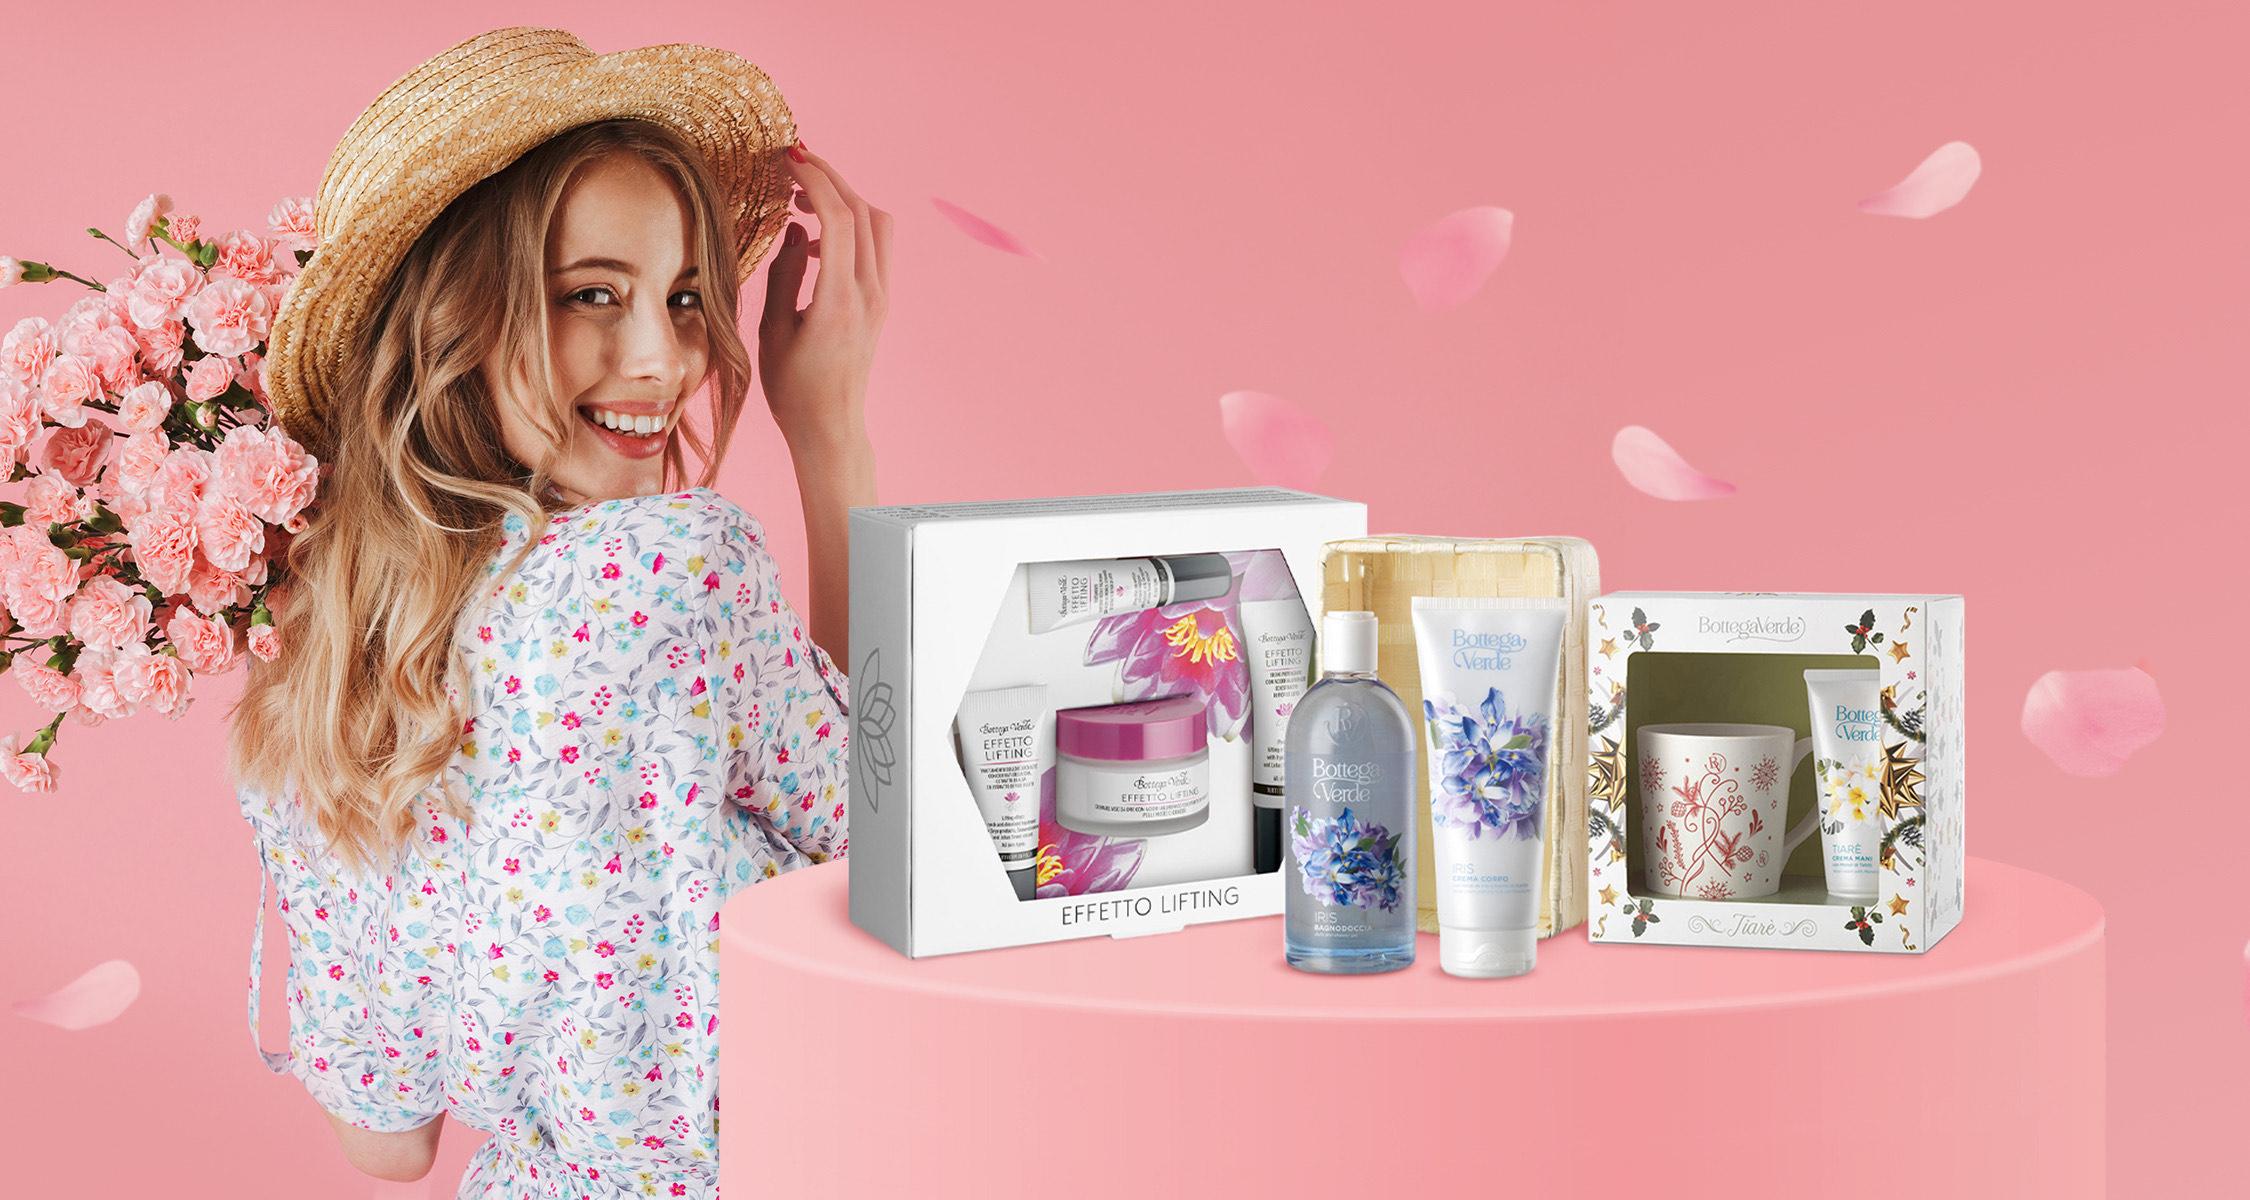 (P) Fii pregătit pentru orice aniversare: top 5 seturi cadou femei cu cosmetice